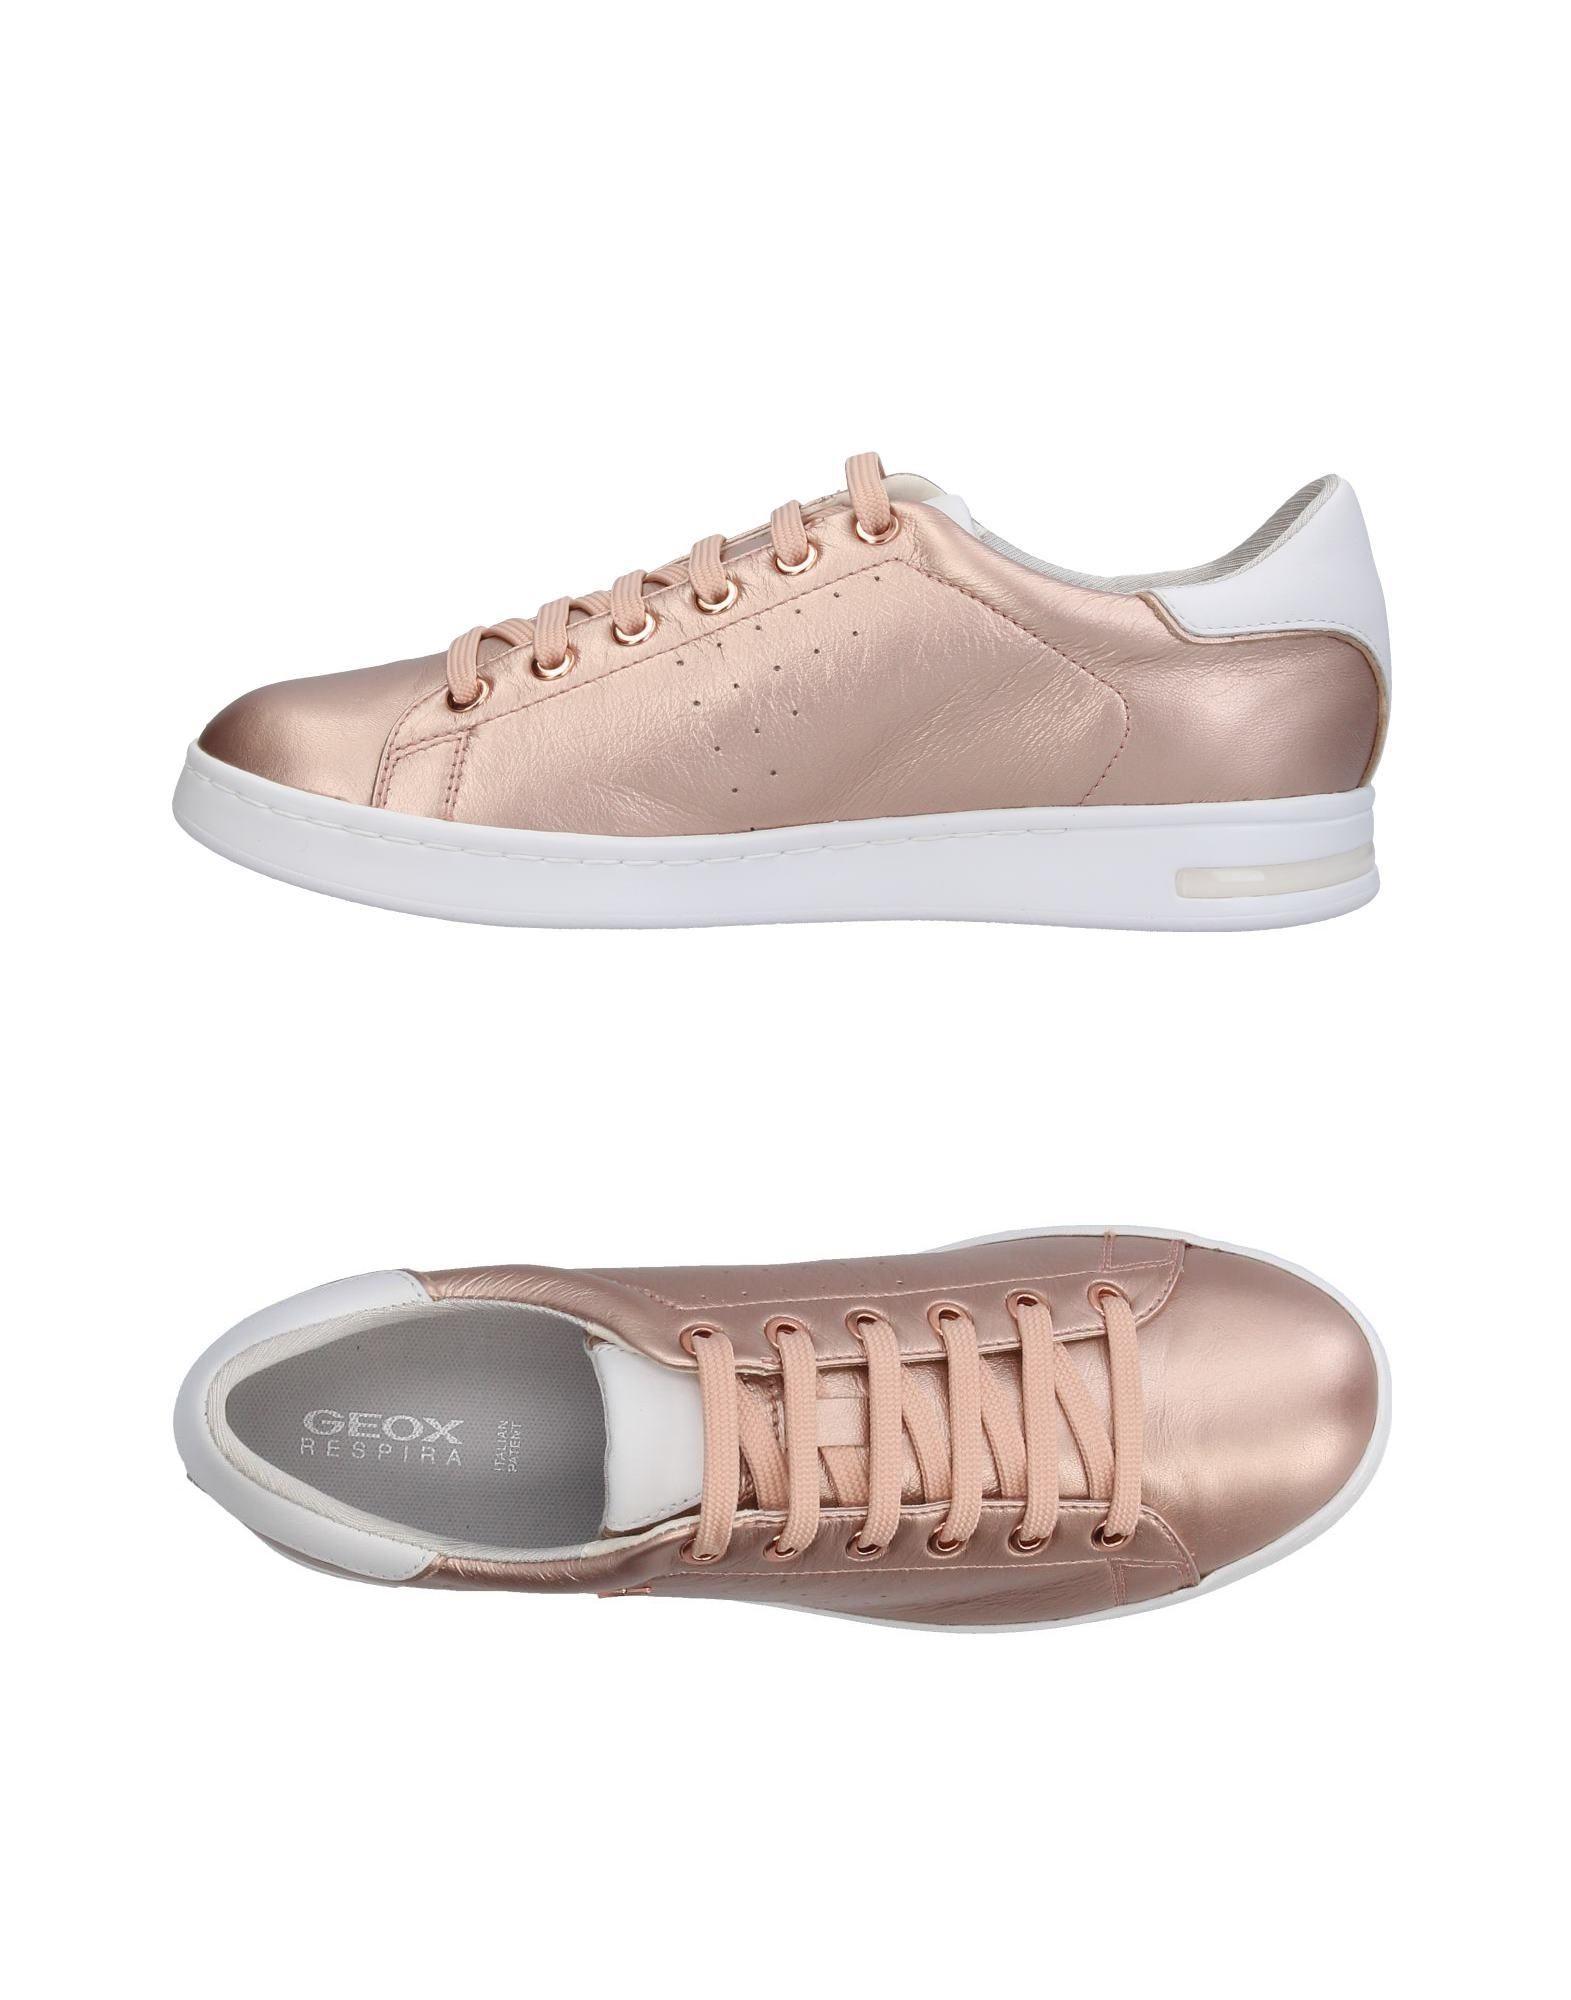 A buon mercato Sneakers Geox Donna - 11192159JU